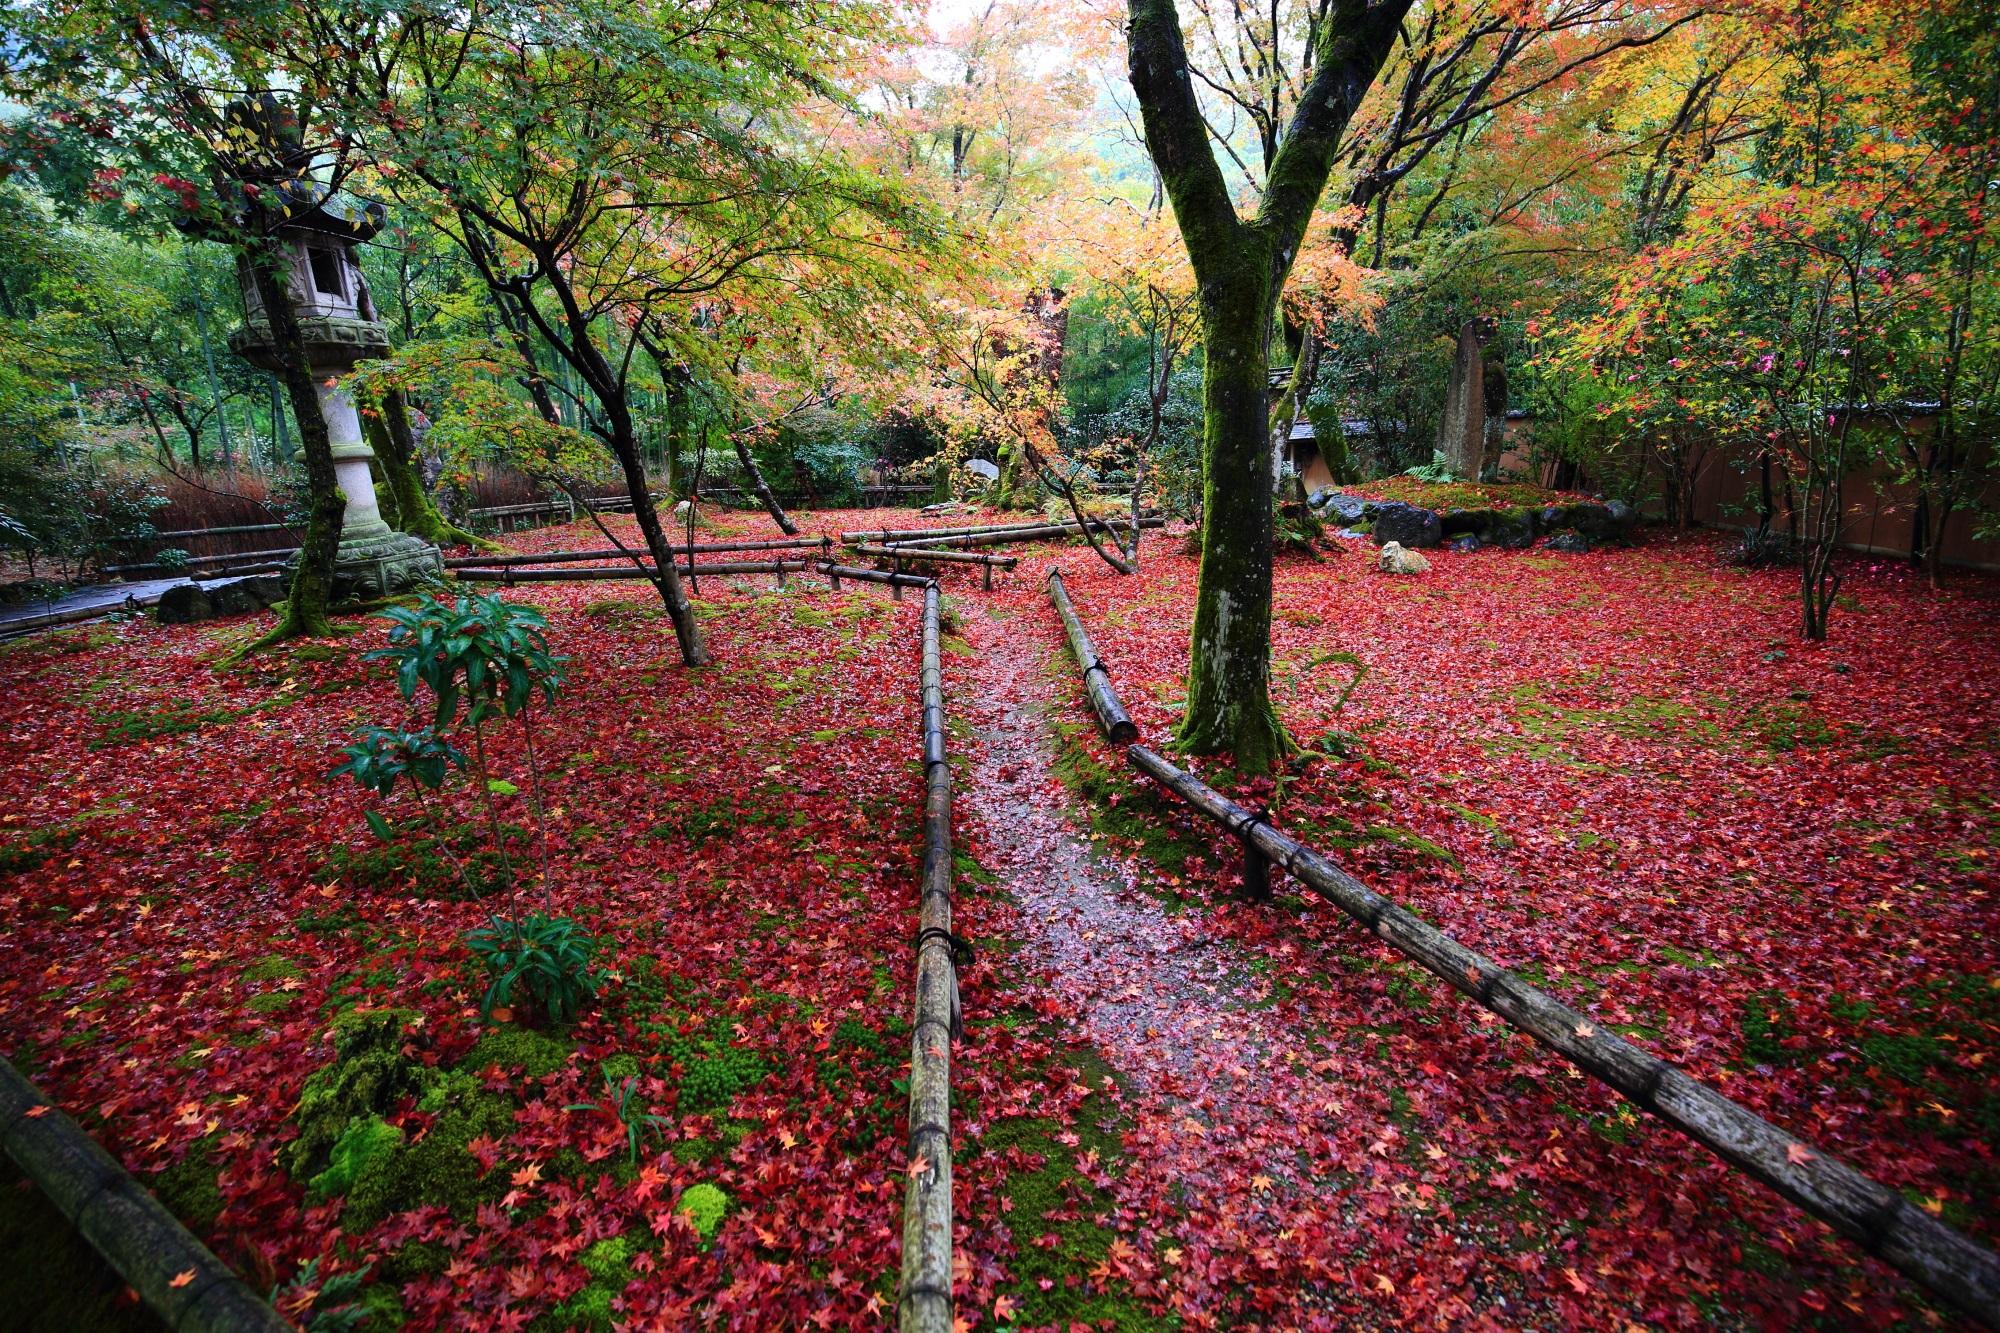 紅葉の隠れた名所の北嵯峨直指庵の美しい散りもみじ